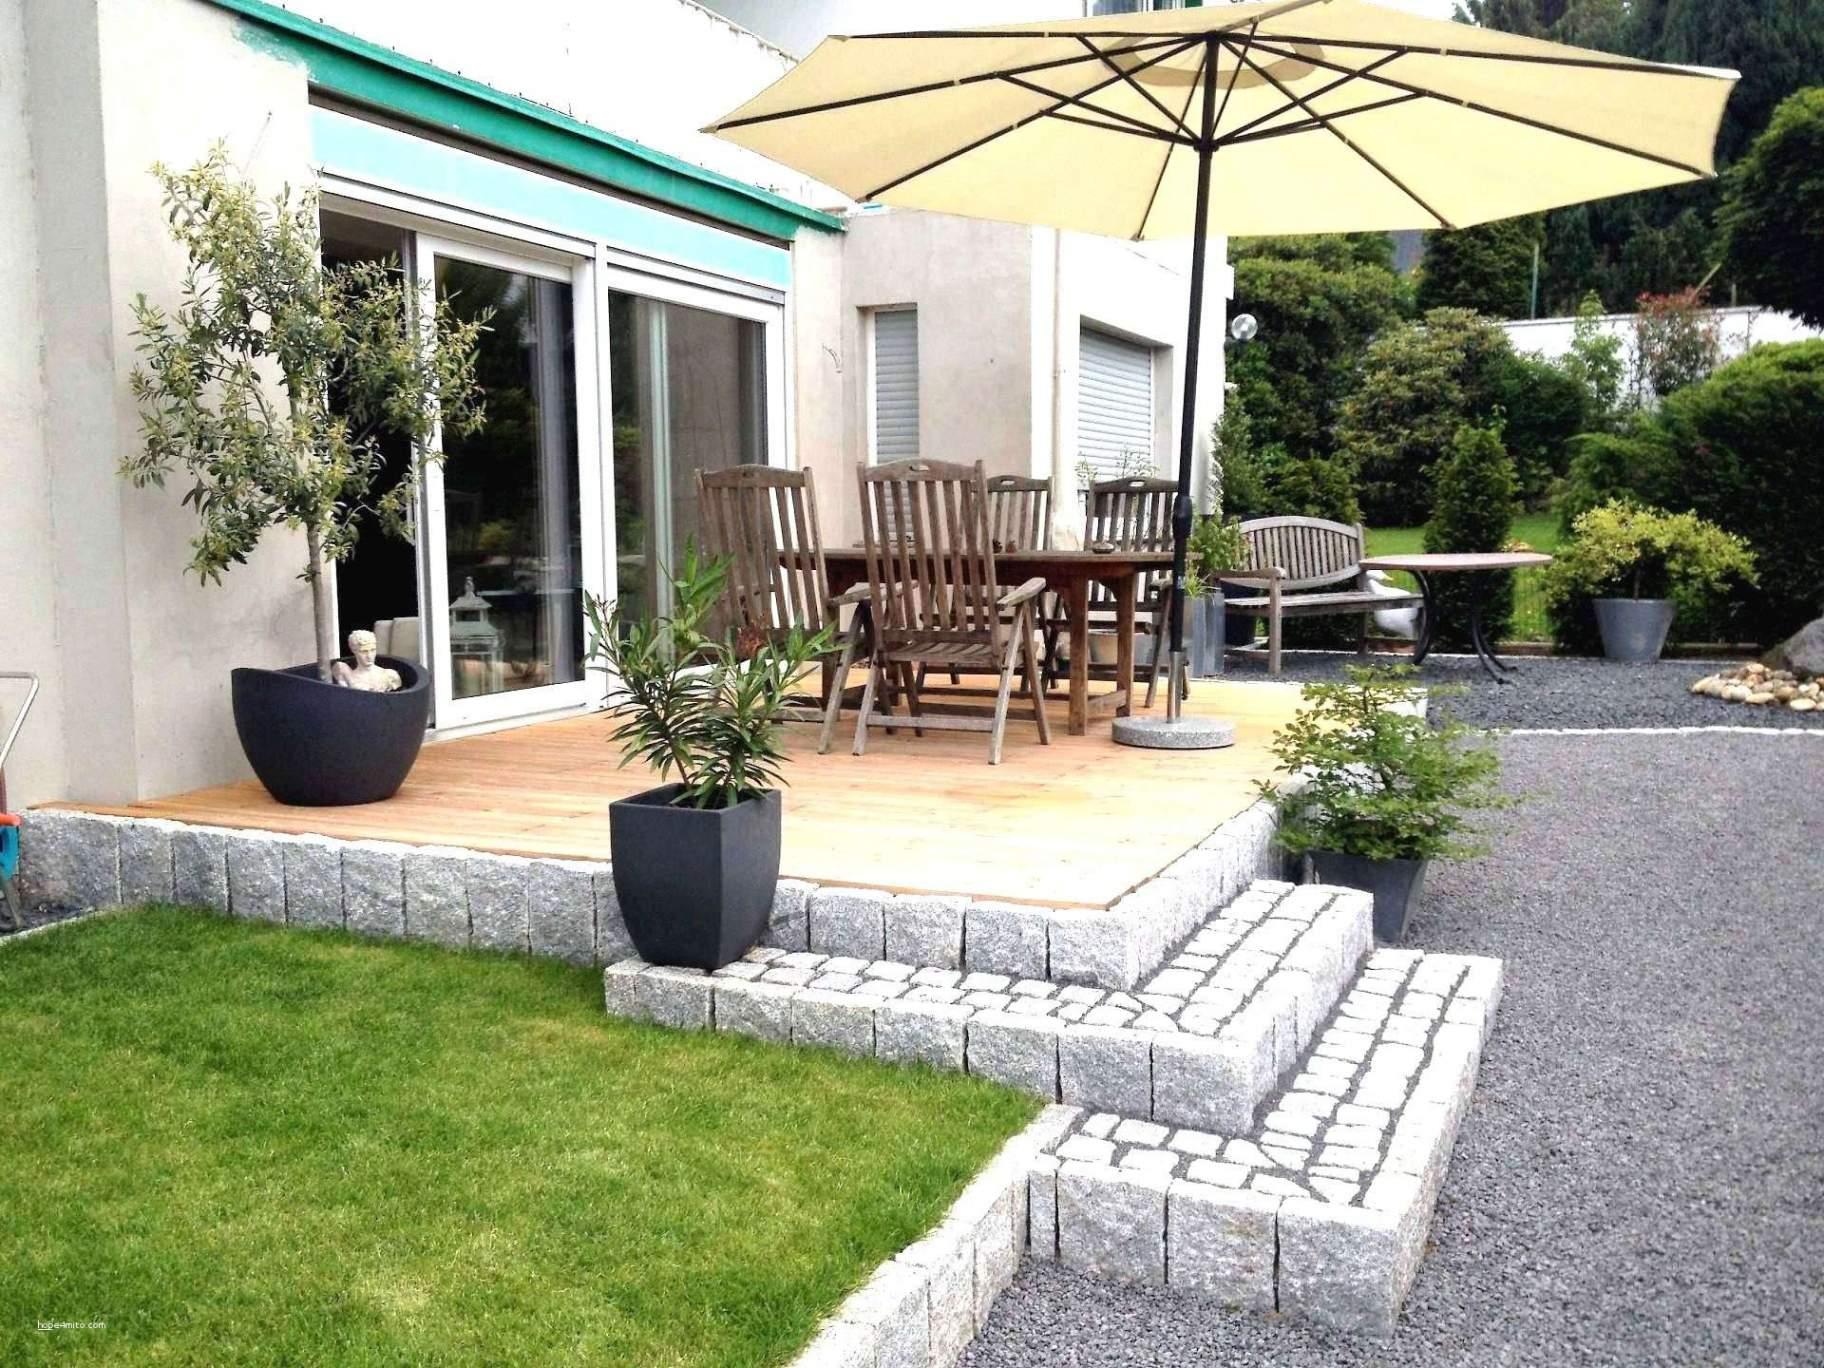 origineller sichtschutz garten elegant moderne terrassen ideen temobardz home blog of origineller sichtschutz garten